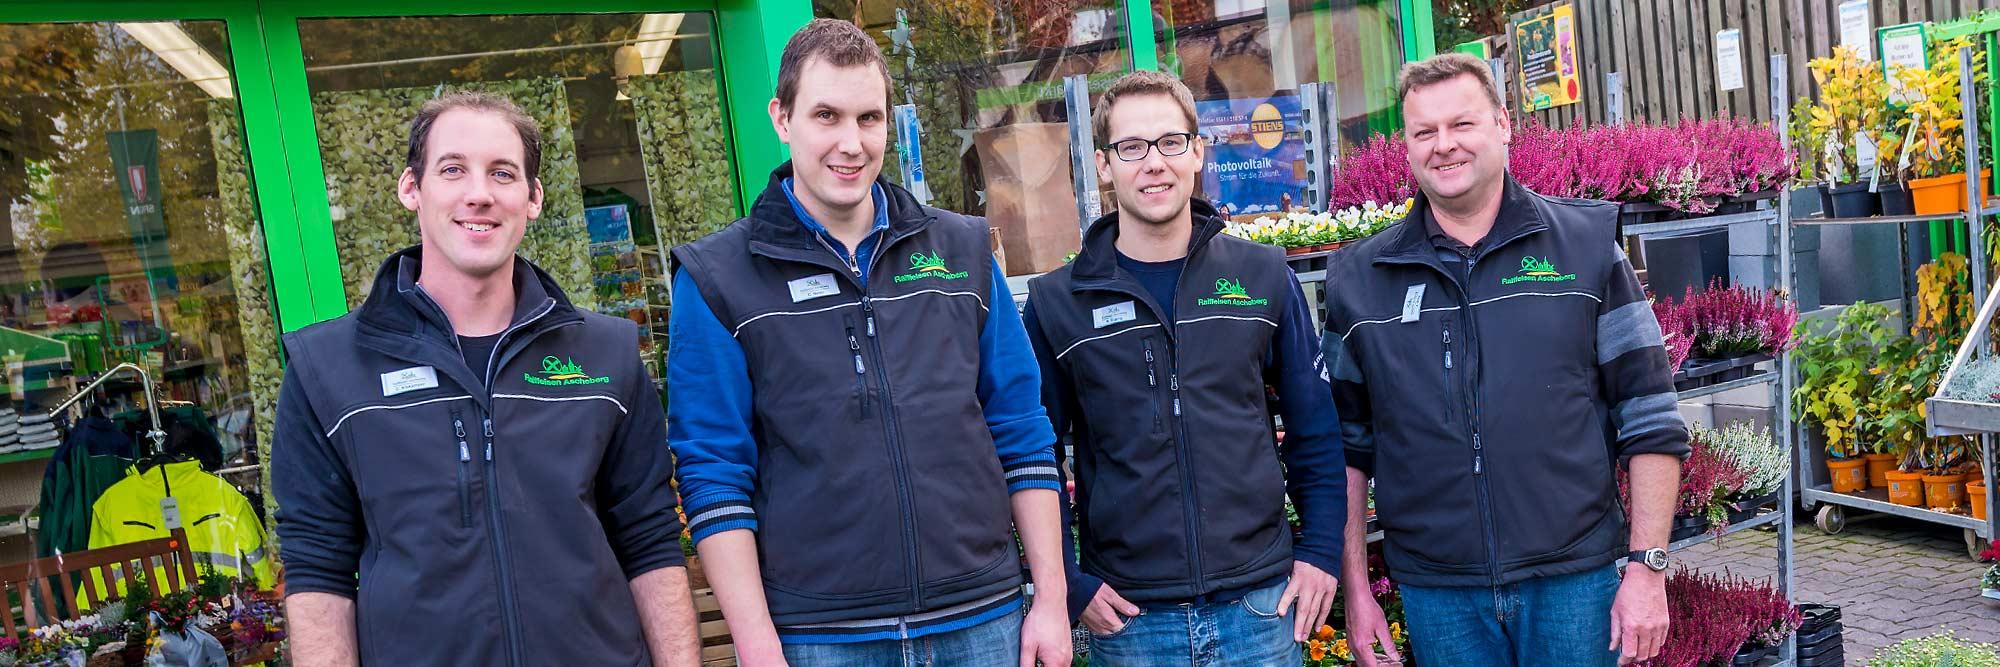 Raiffeisen Markt Rinkerode Gruppenfoto